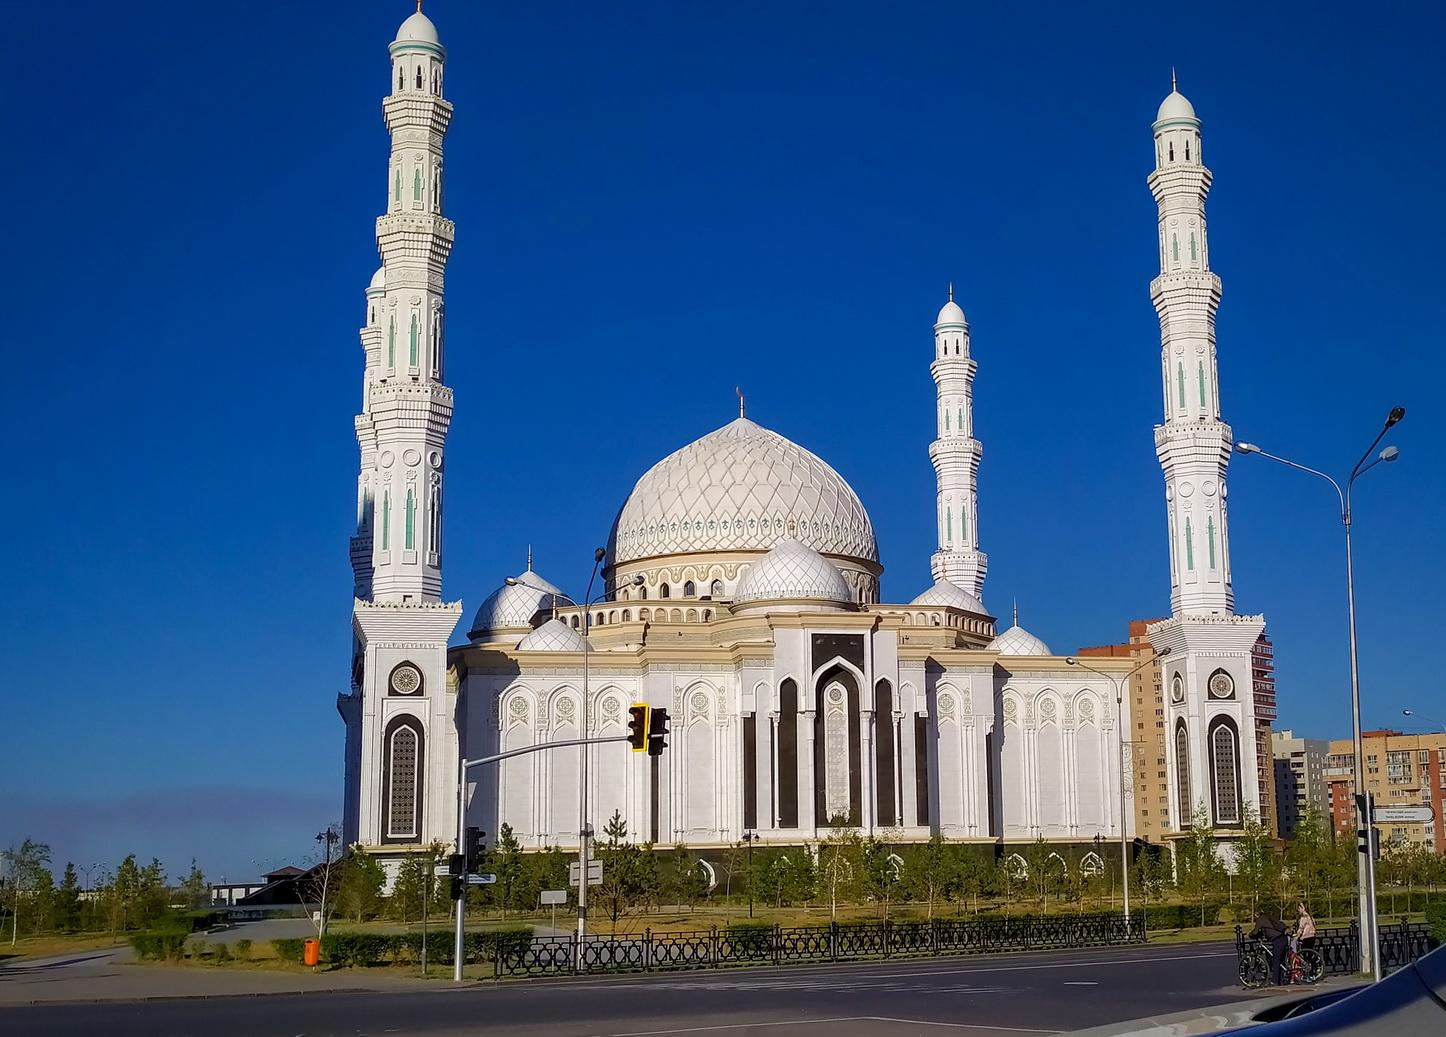 Великолепное здание соборной мечети «Хазрет Султан», чья общая территория составляет 11 га. В дни мусульманских праздников может принять до 10 тысяч верующих.